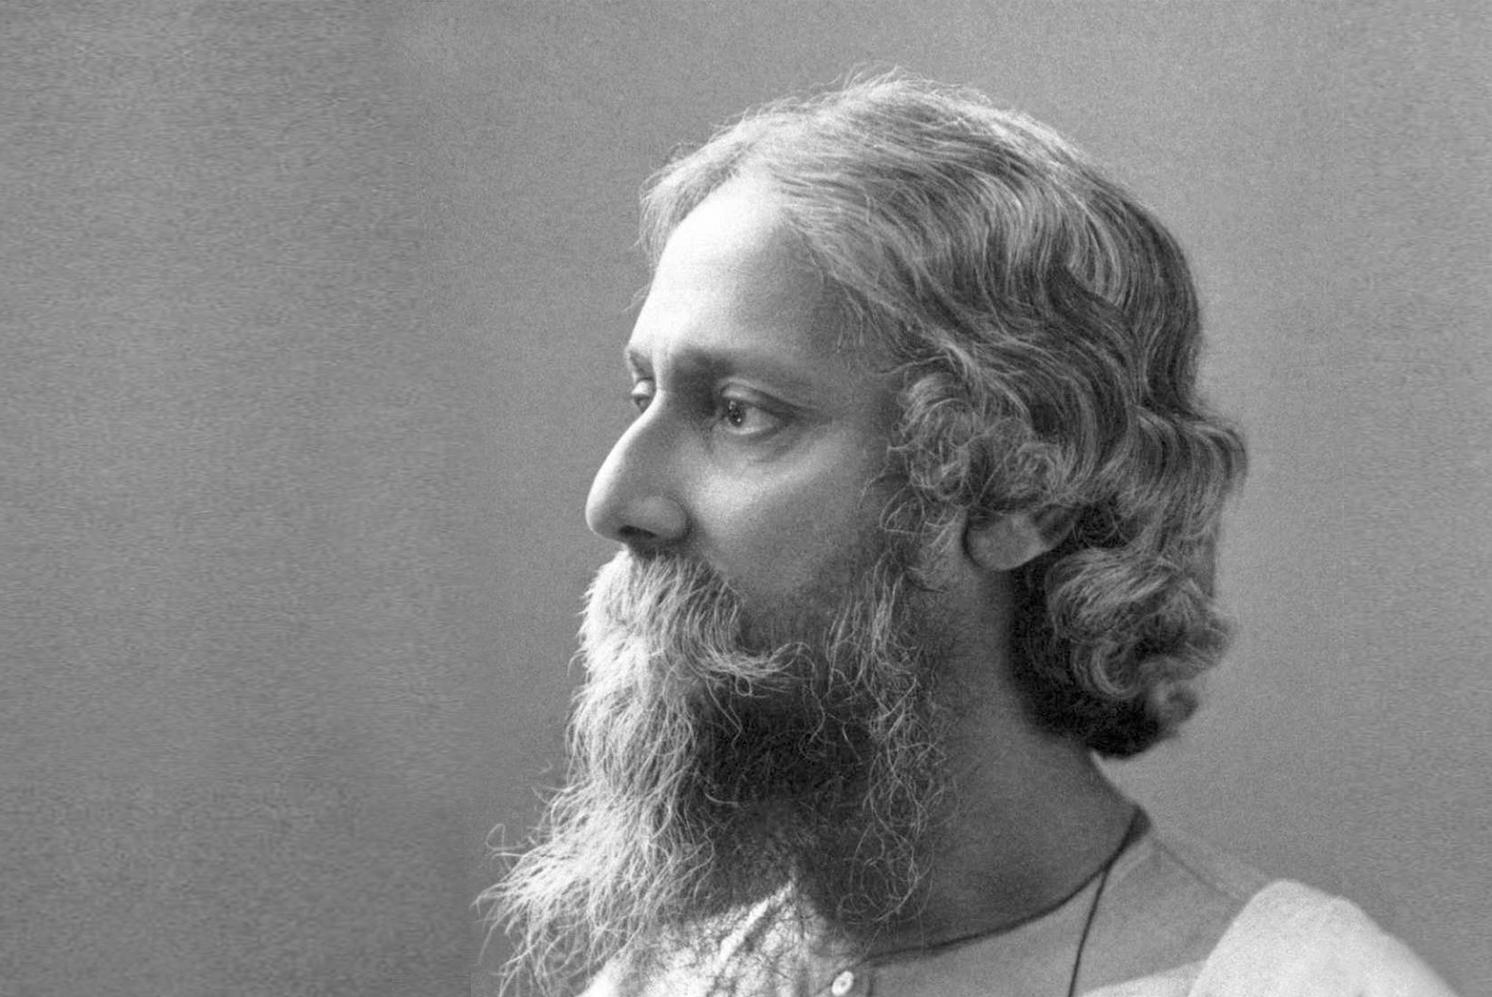 Öt földrészen át kereste a boldogságot, Füreden megtalálta – Rabindranáth Tagore